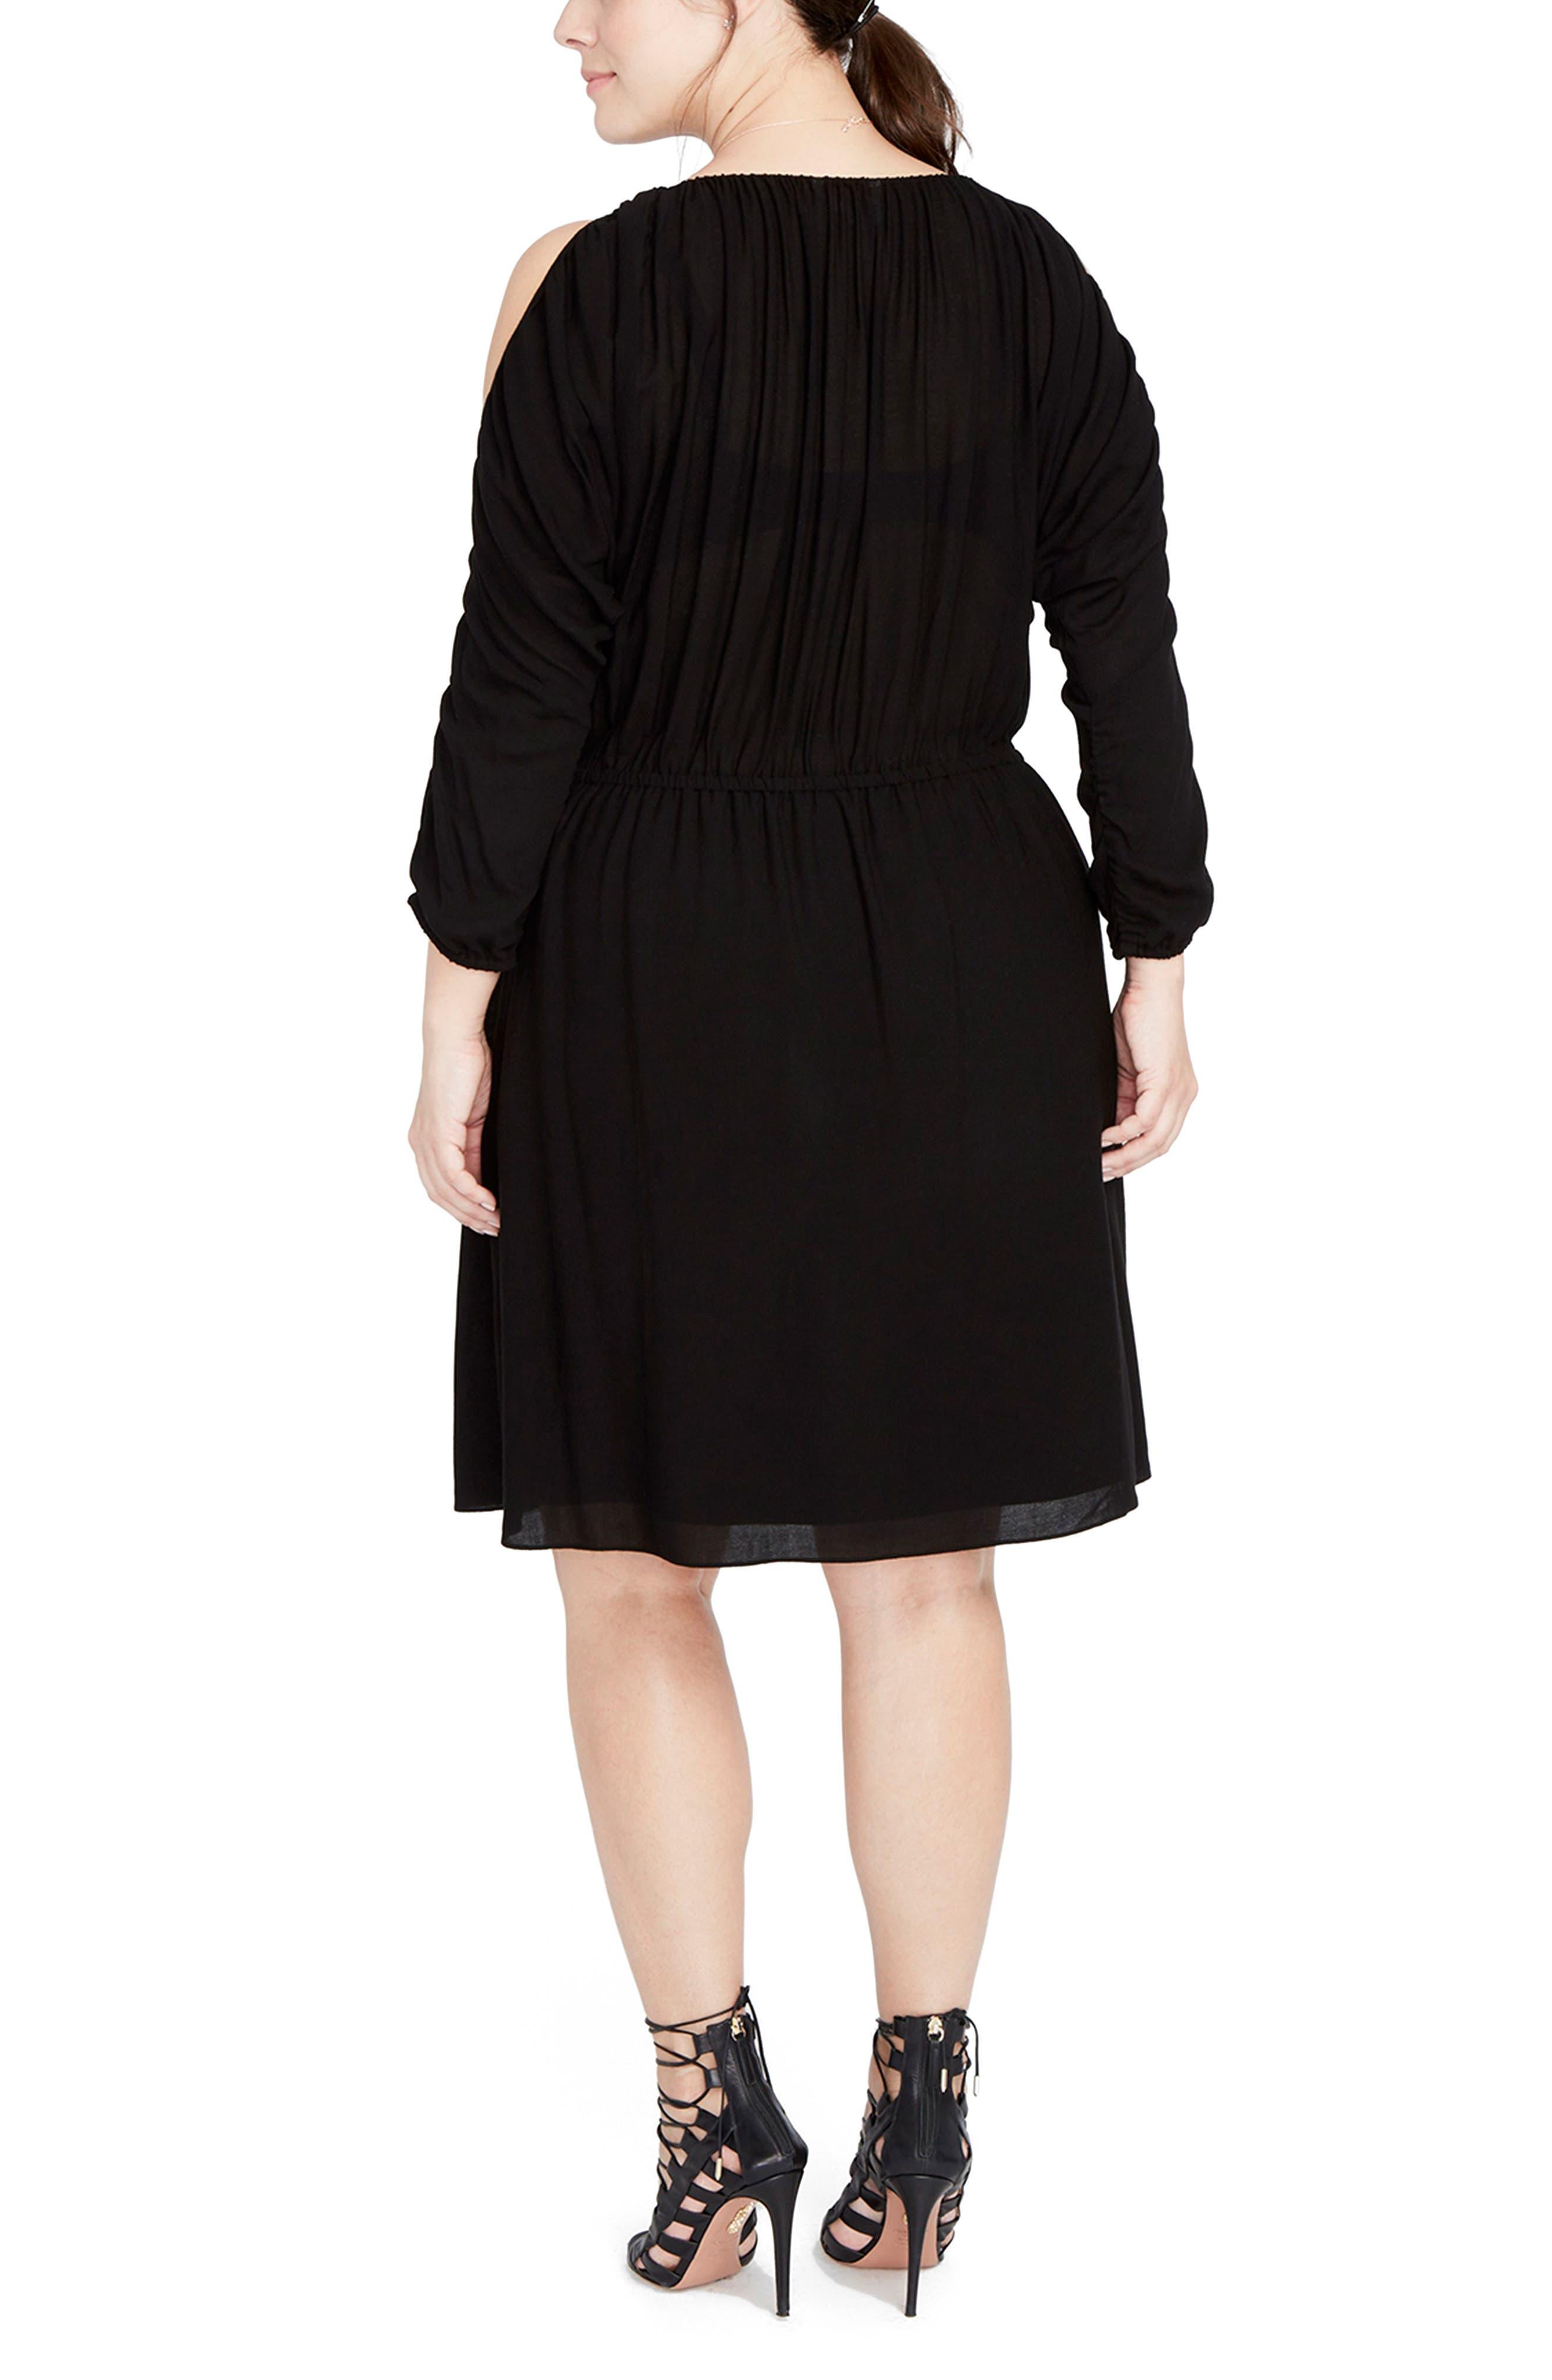 Alternate Image 2  - RACHEL Rachel Roy Ruched Cold Shoulder Dress (Plus Size)